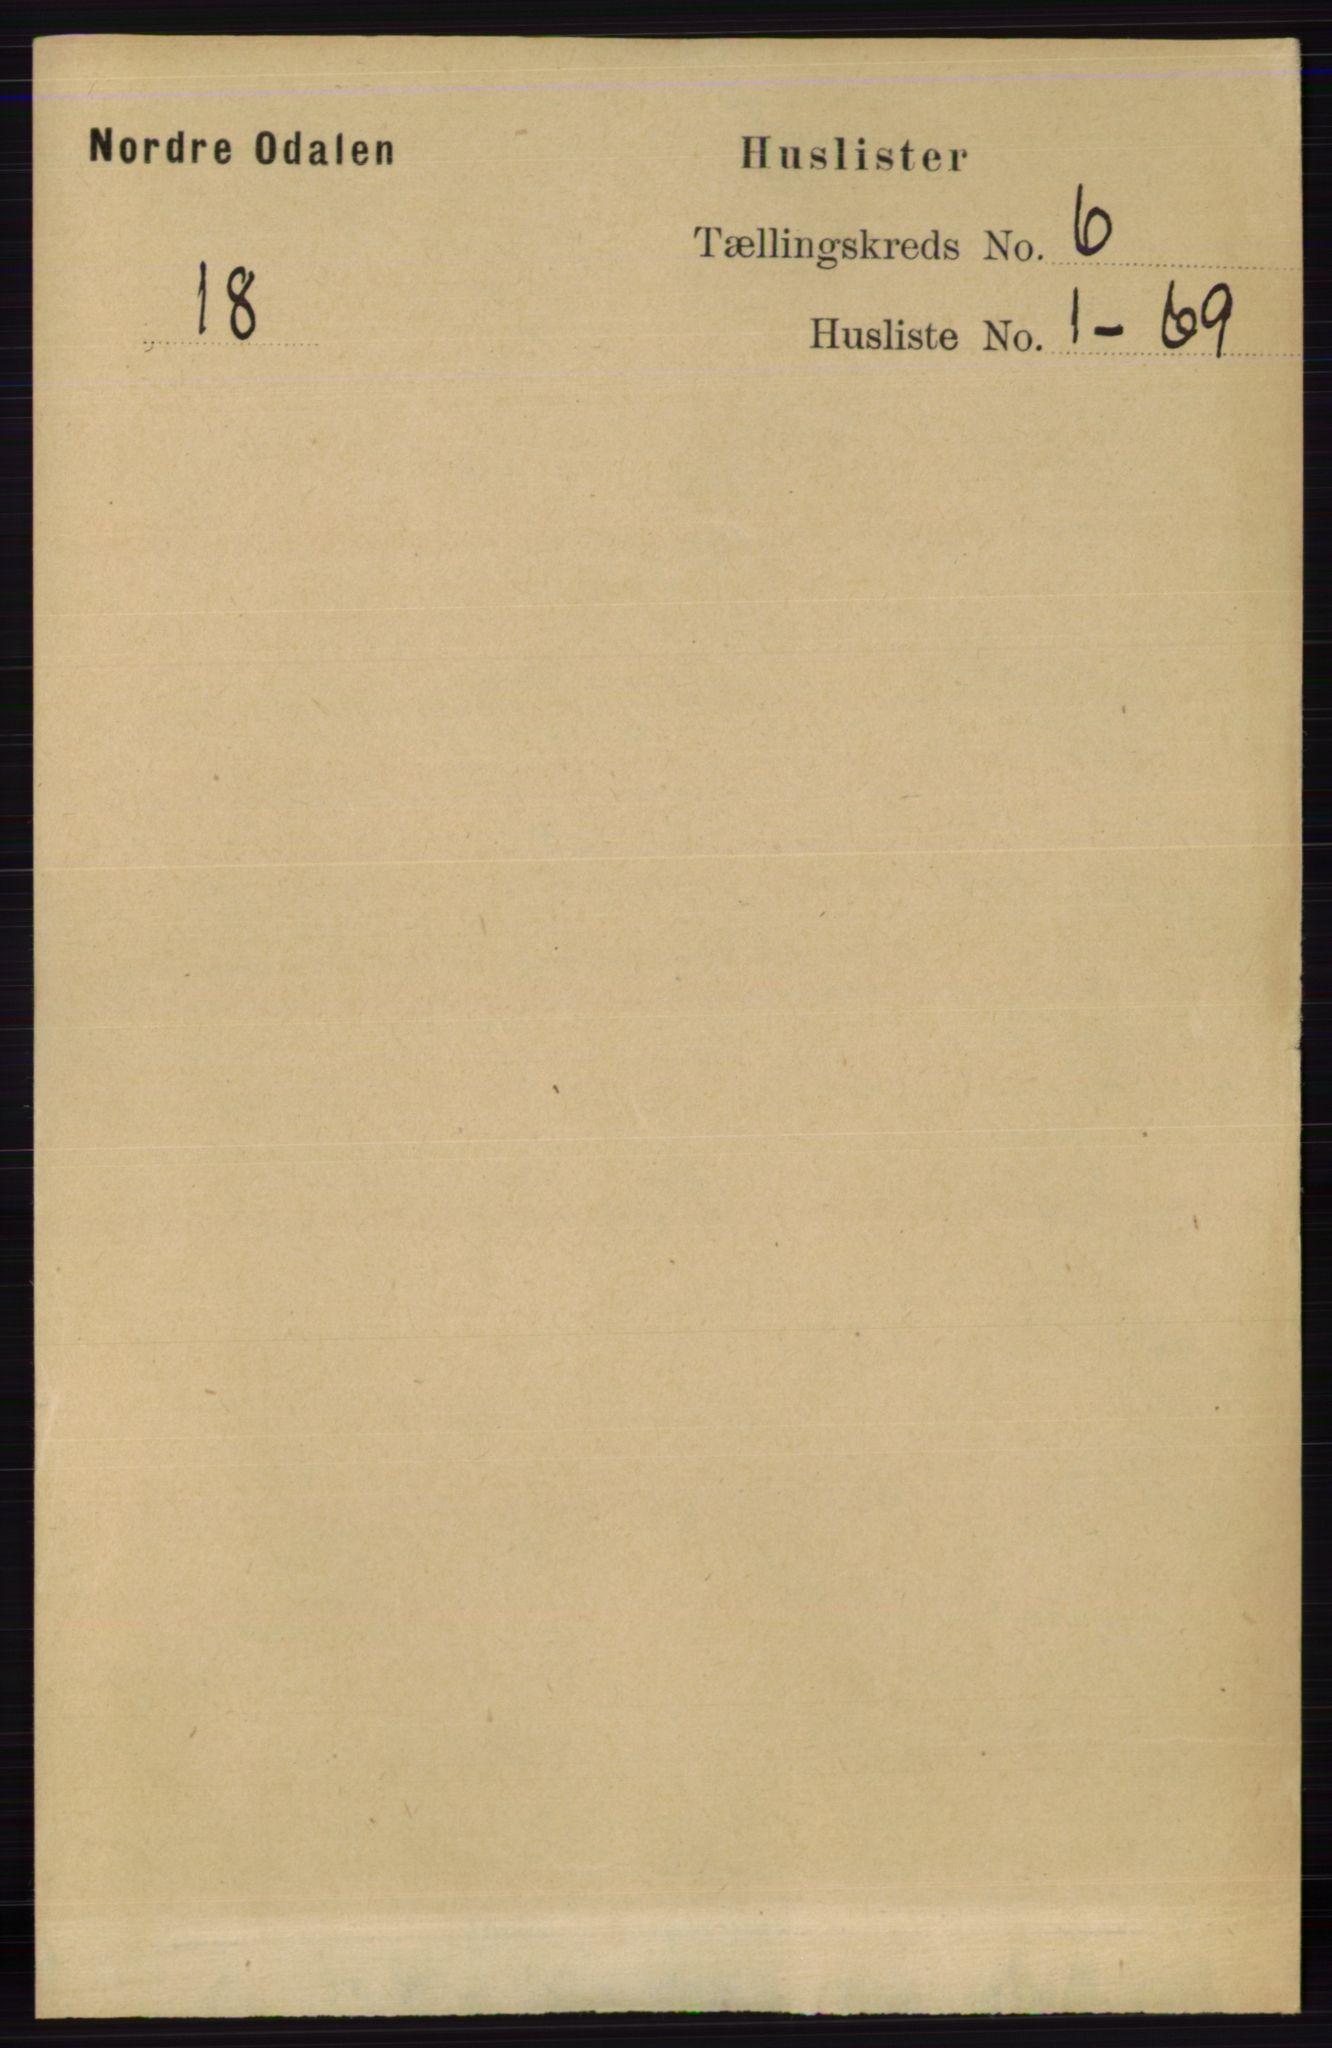 RA, Folketelling 1891 for 0418 Nord-Odal herred, 1891, s. 2201